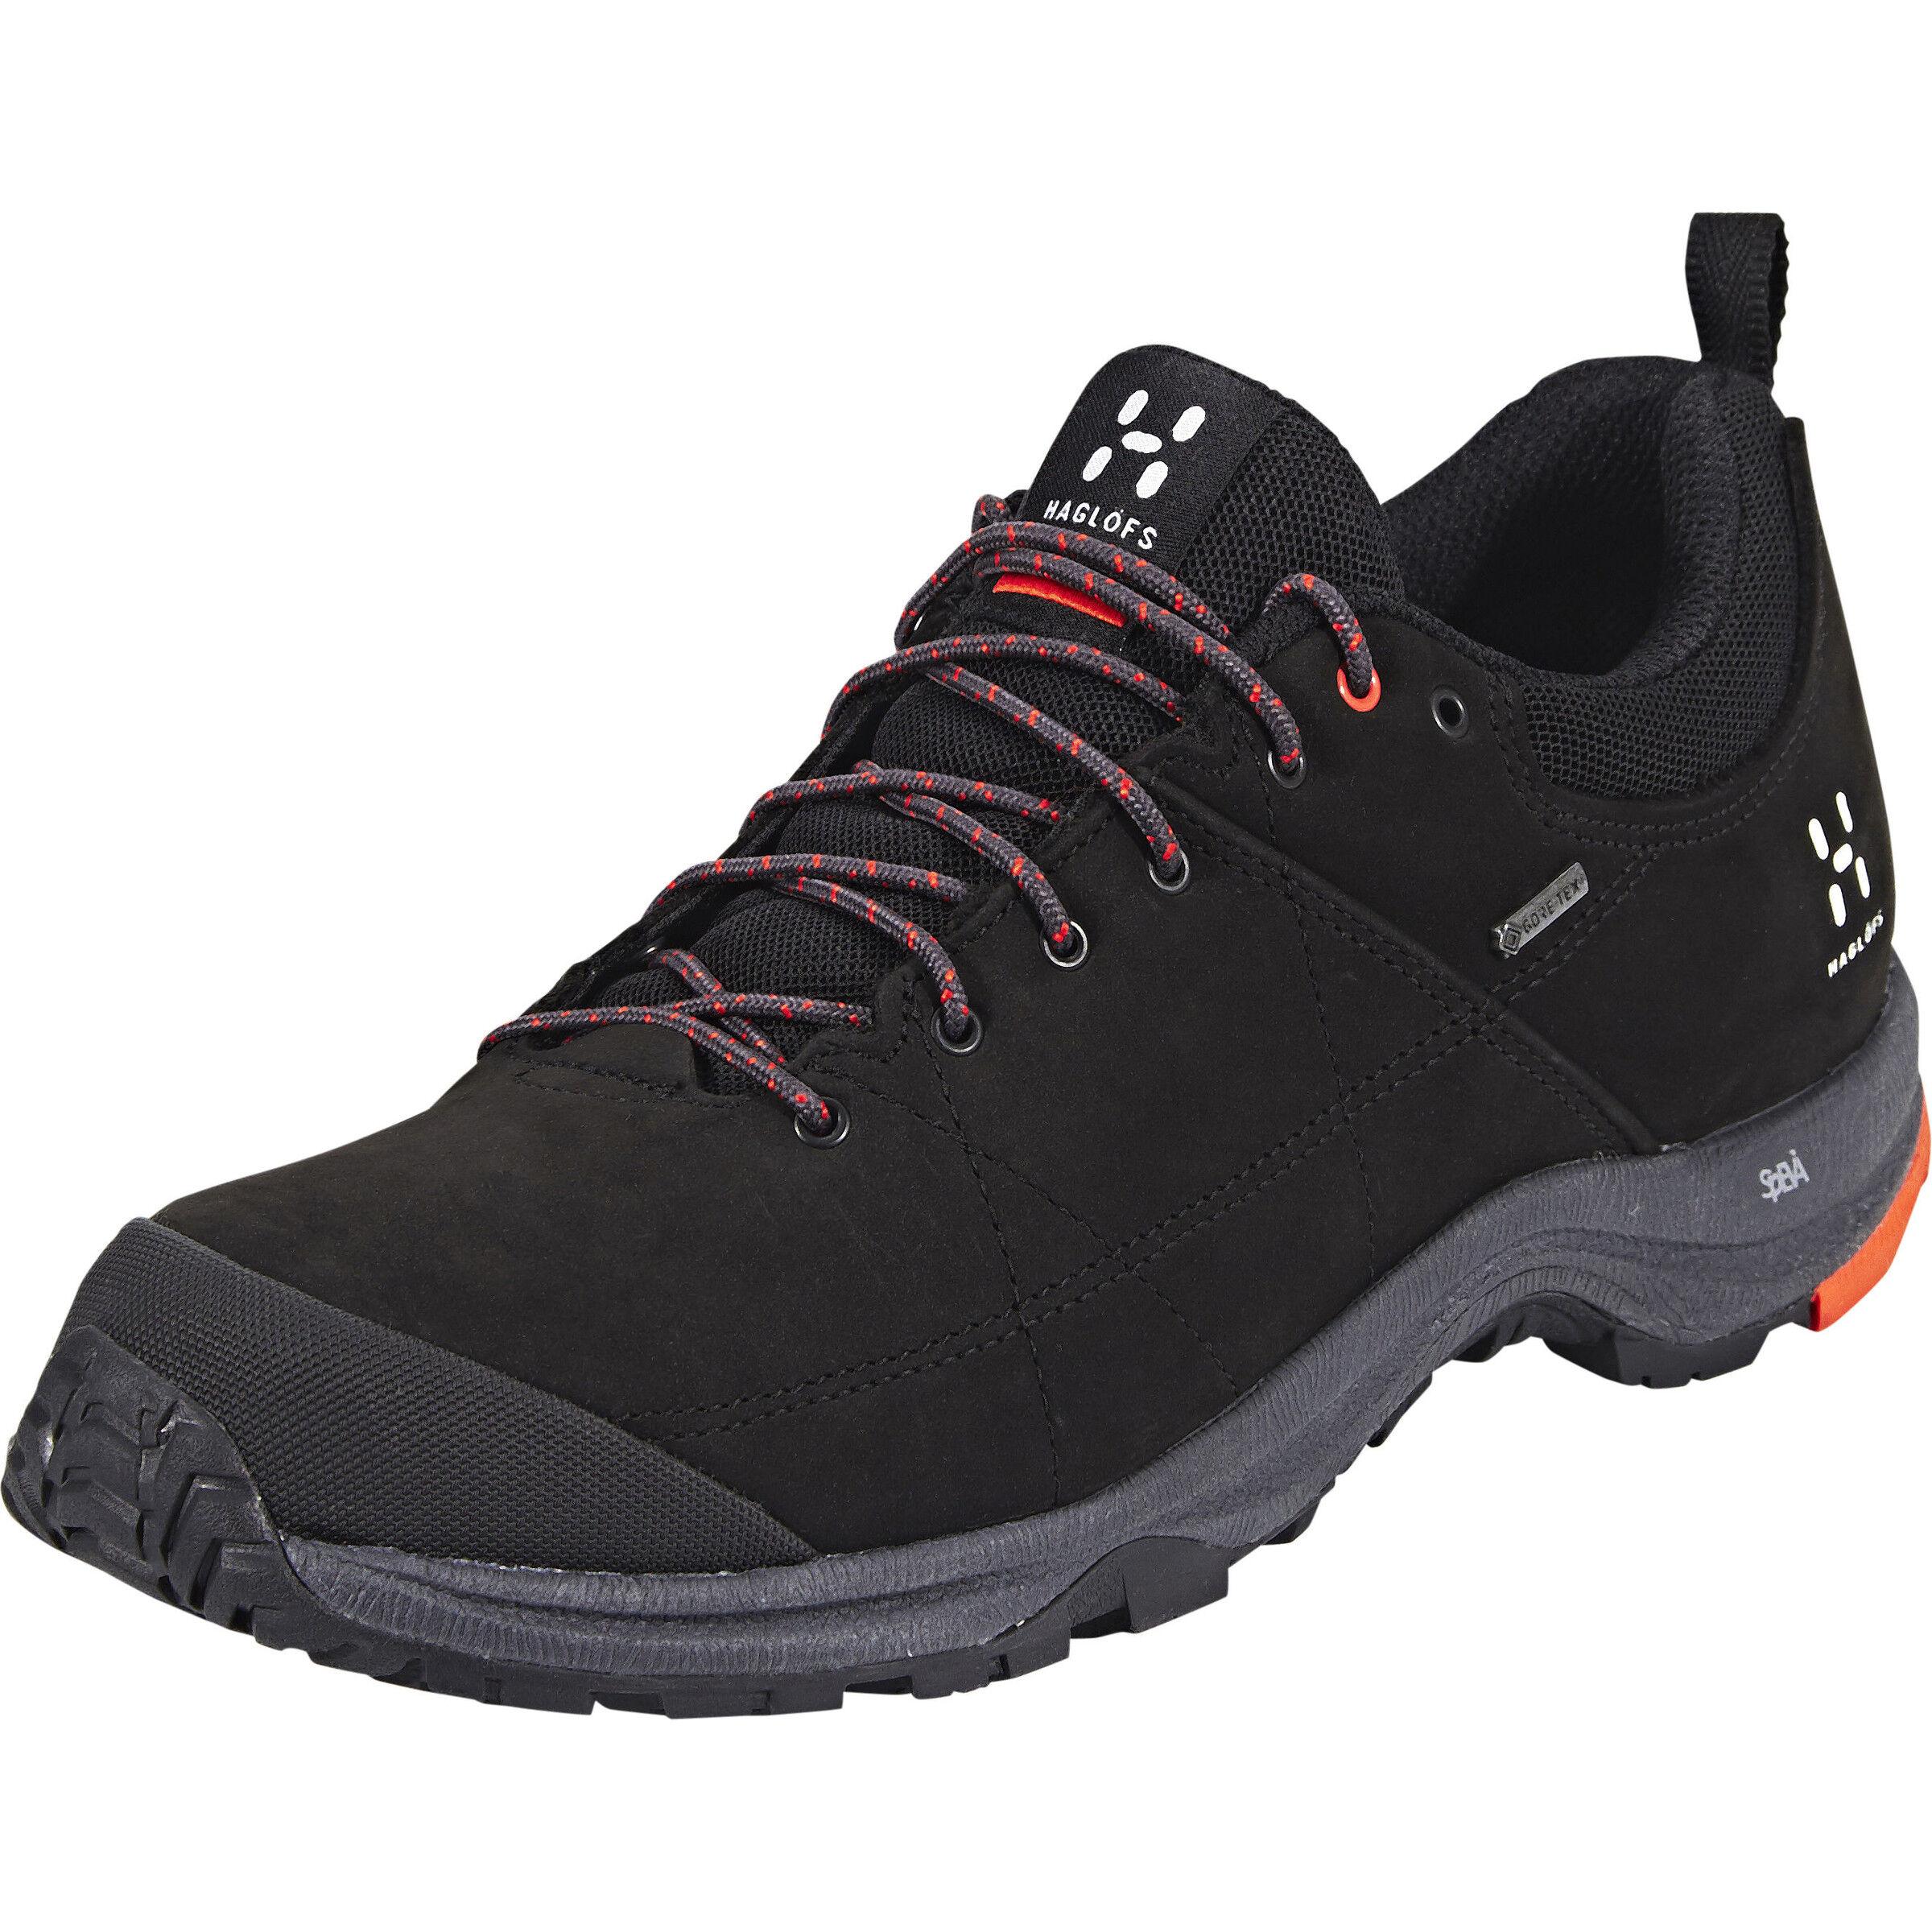 Haglöfs Schuhe günstig online kaufen |